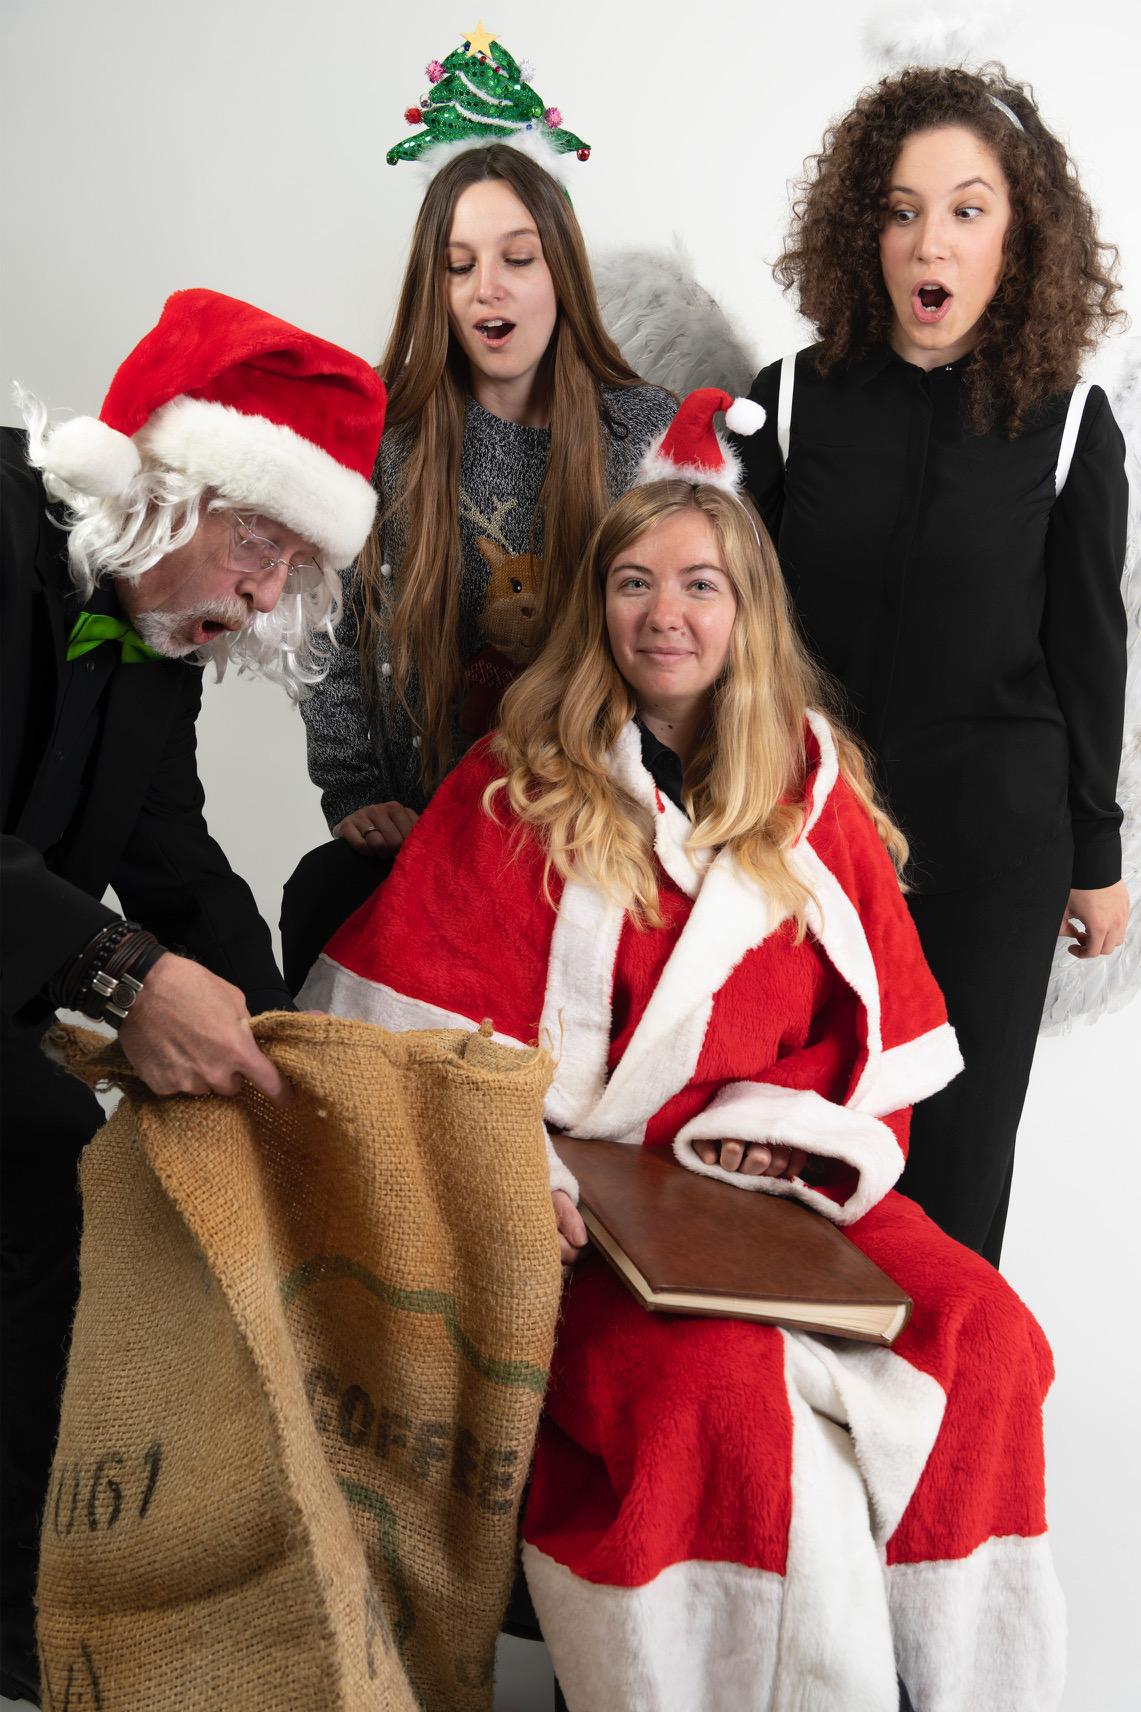 Wir wünschen Ihnen fröhliche Weihnachten